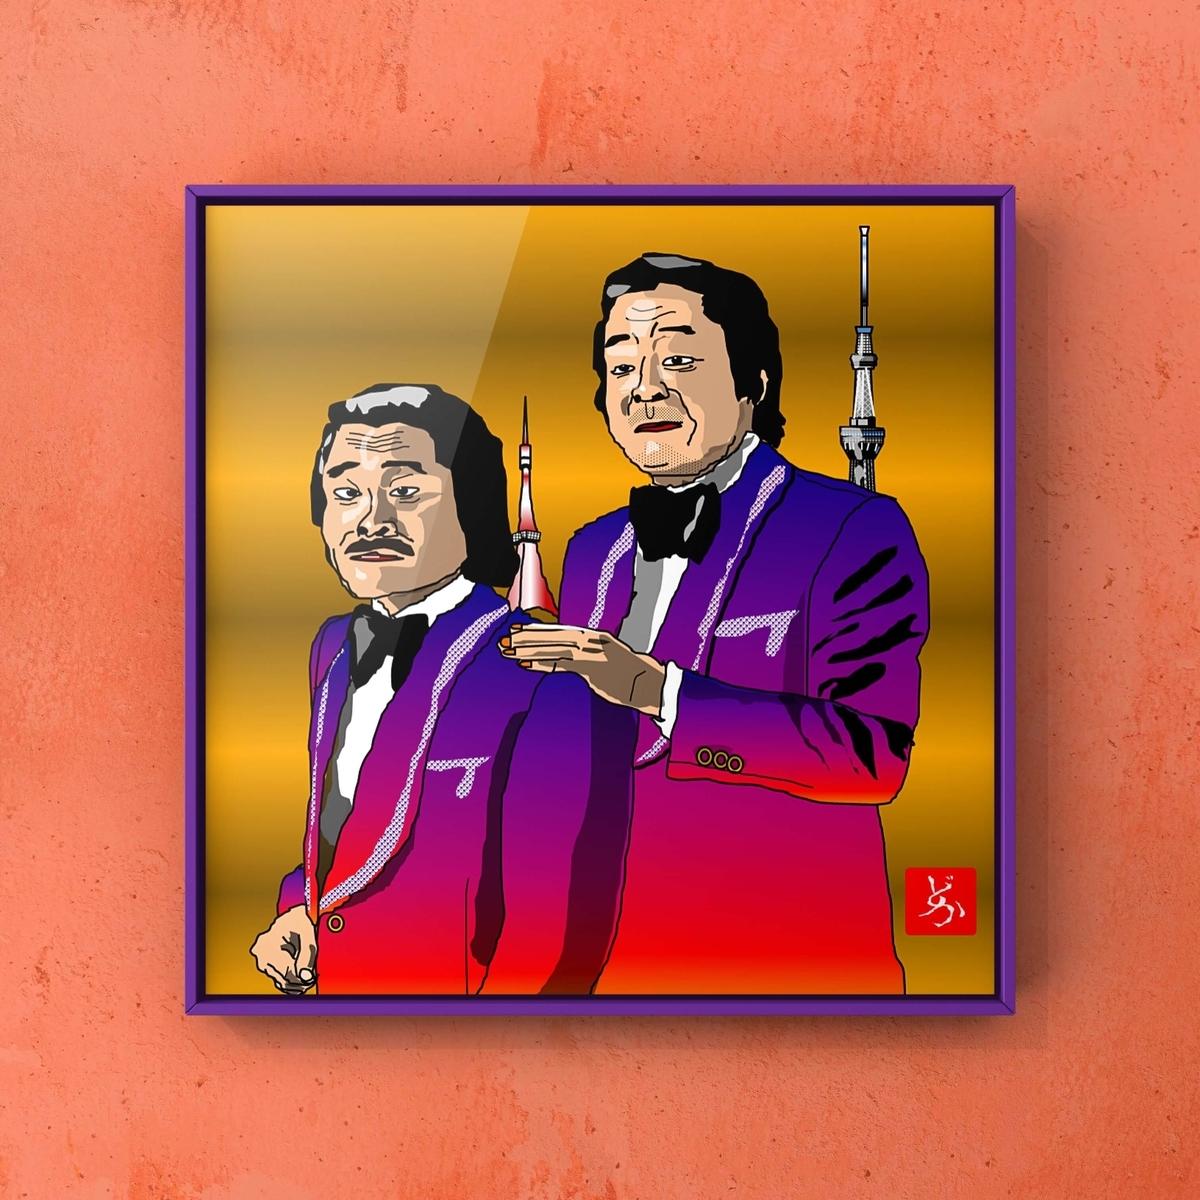 昭和時代の兄弟演歌デュオ「ぴんから兄弟」のエクセル画イラスト額装版